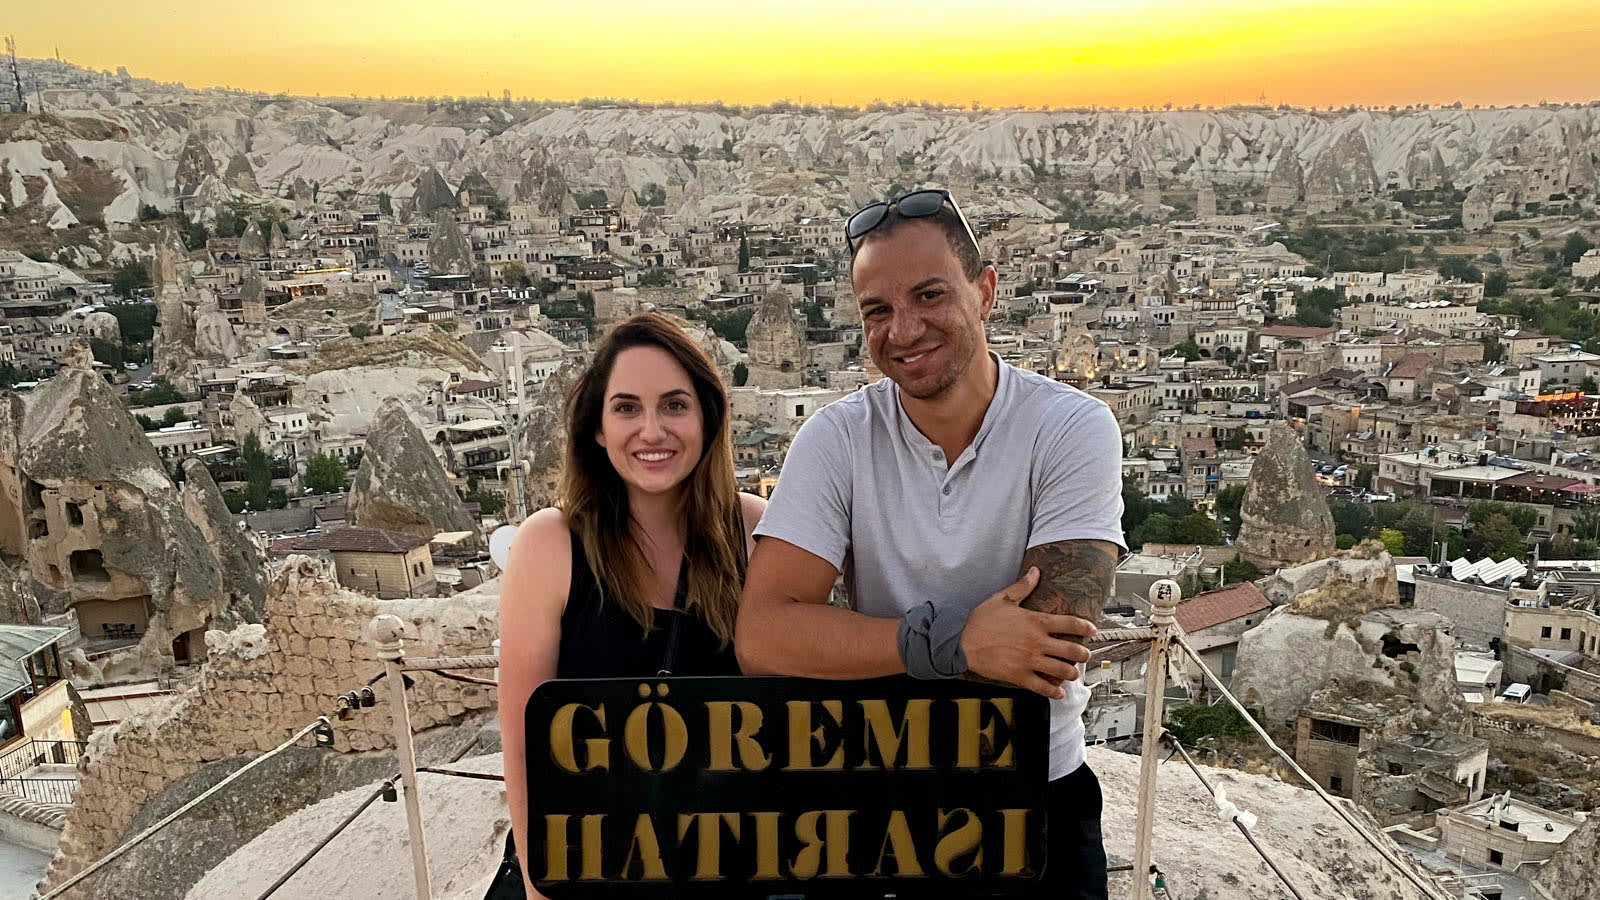 غريبان قررا قضاء إجازة معا في تركيا بعض رفض أي شخص السفر معهما